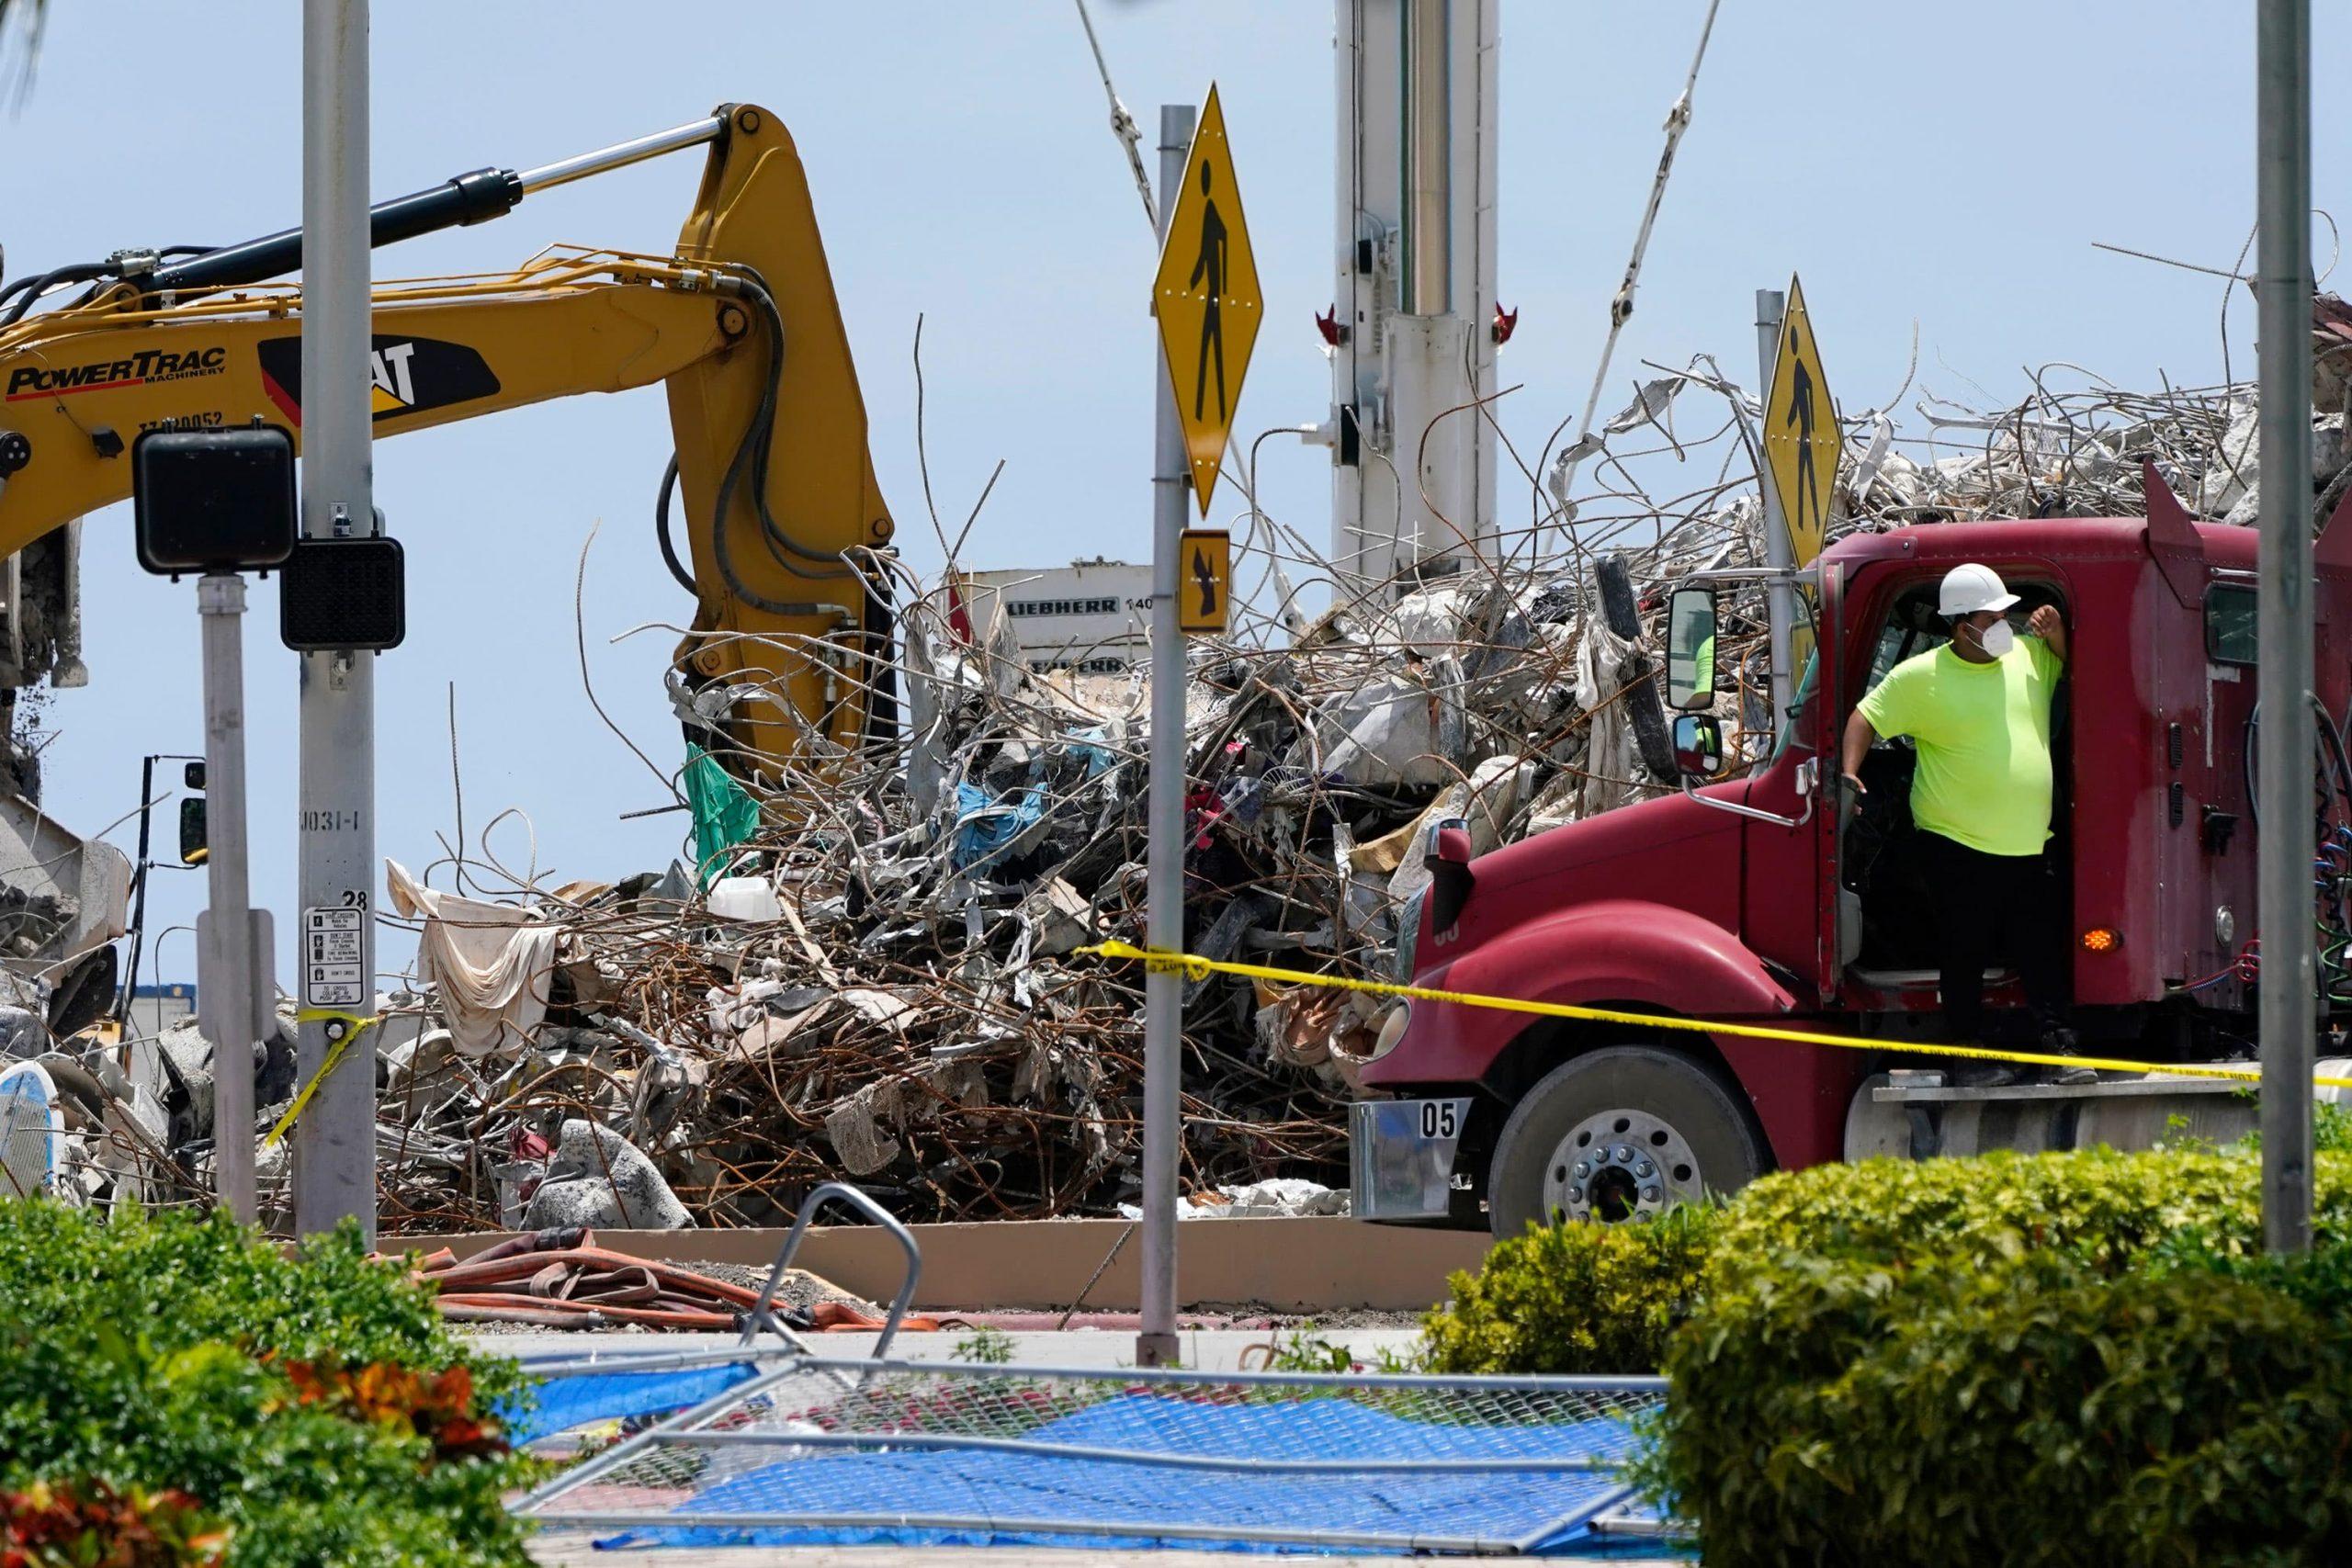 El número de muertos aumenta a 97 en el colapso de un condominio en Surfside;  juez aprueba la venta del sitio